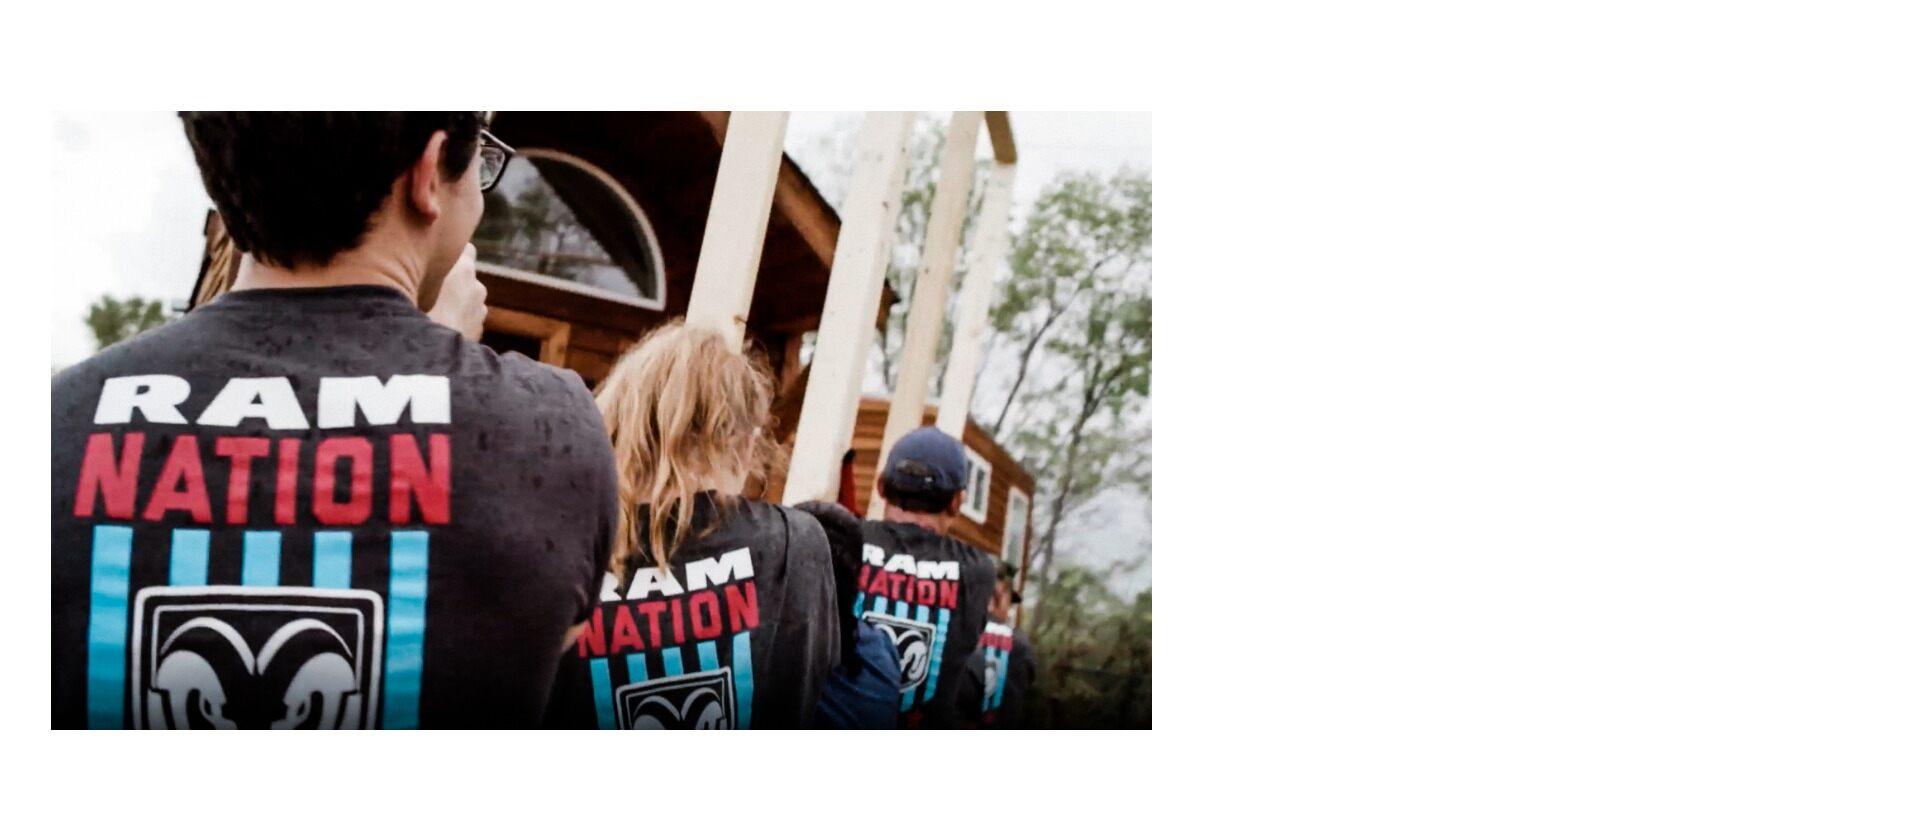 Voluntarios de Ram Nation trabajando juntos para elevar la estructura de una casa.